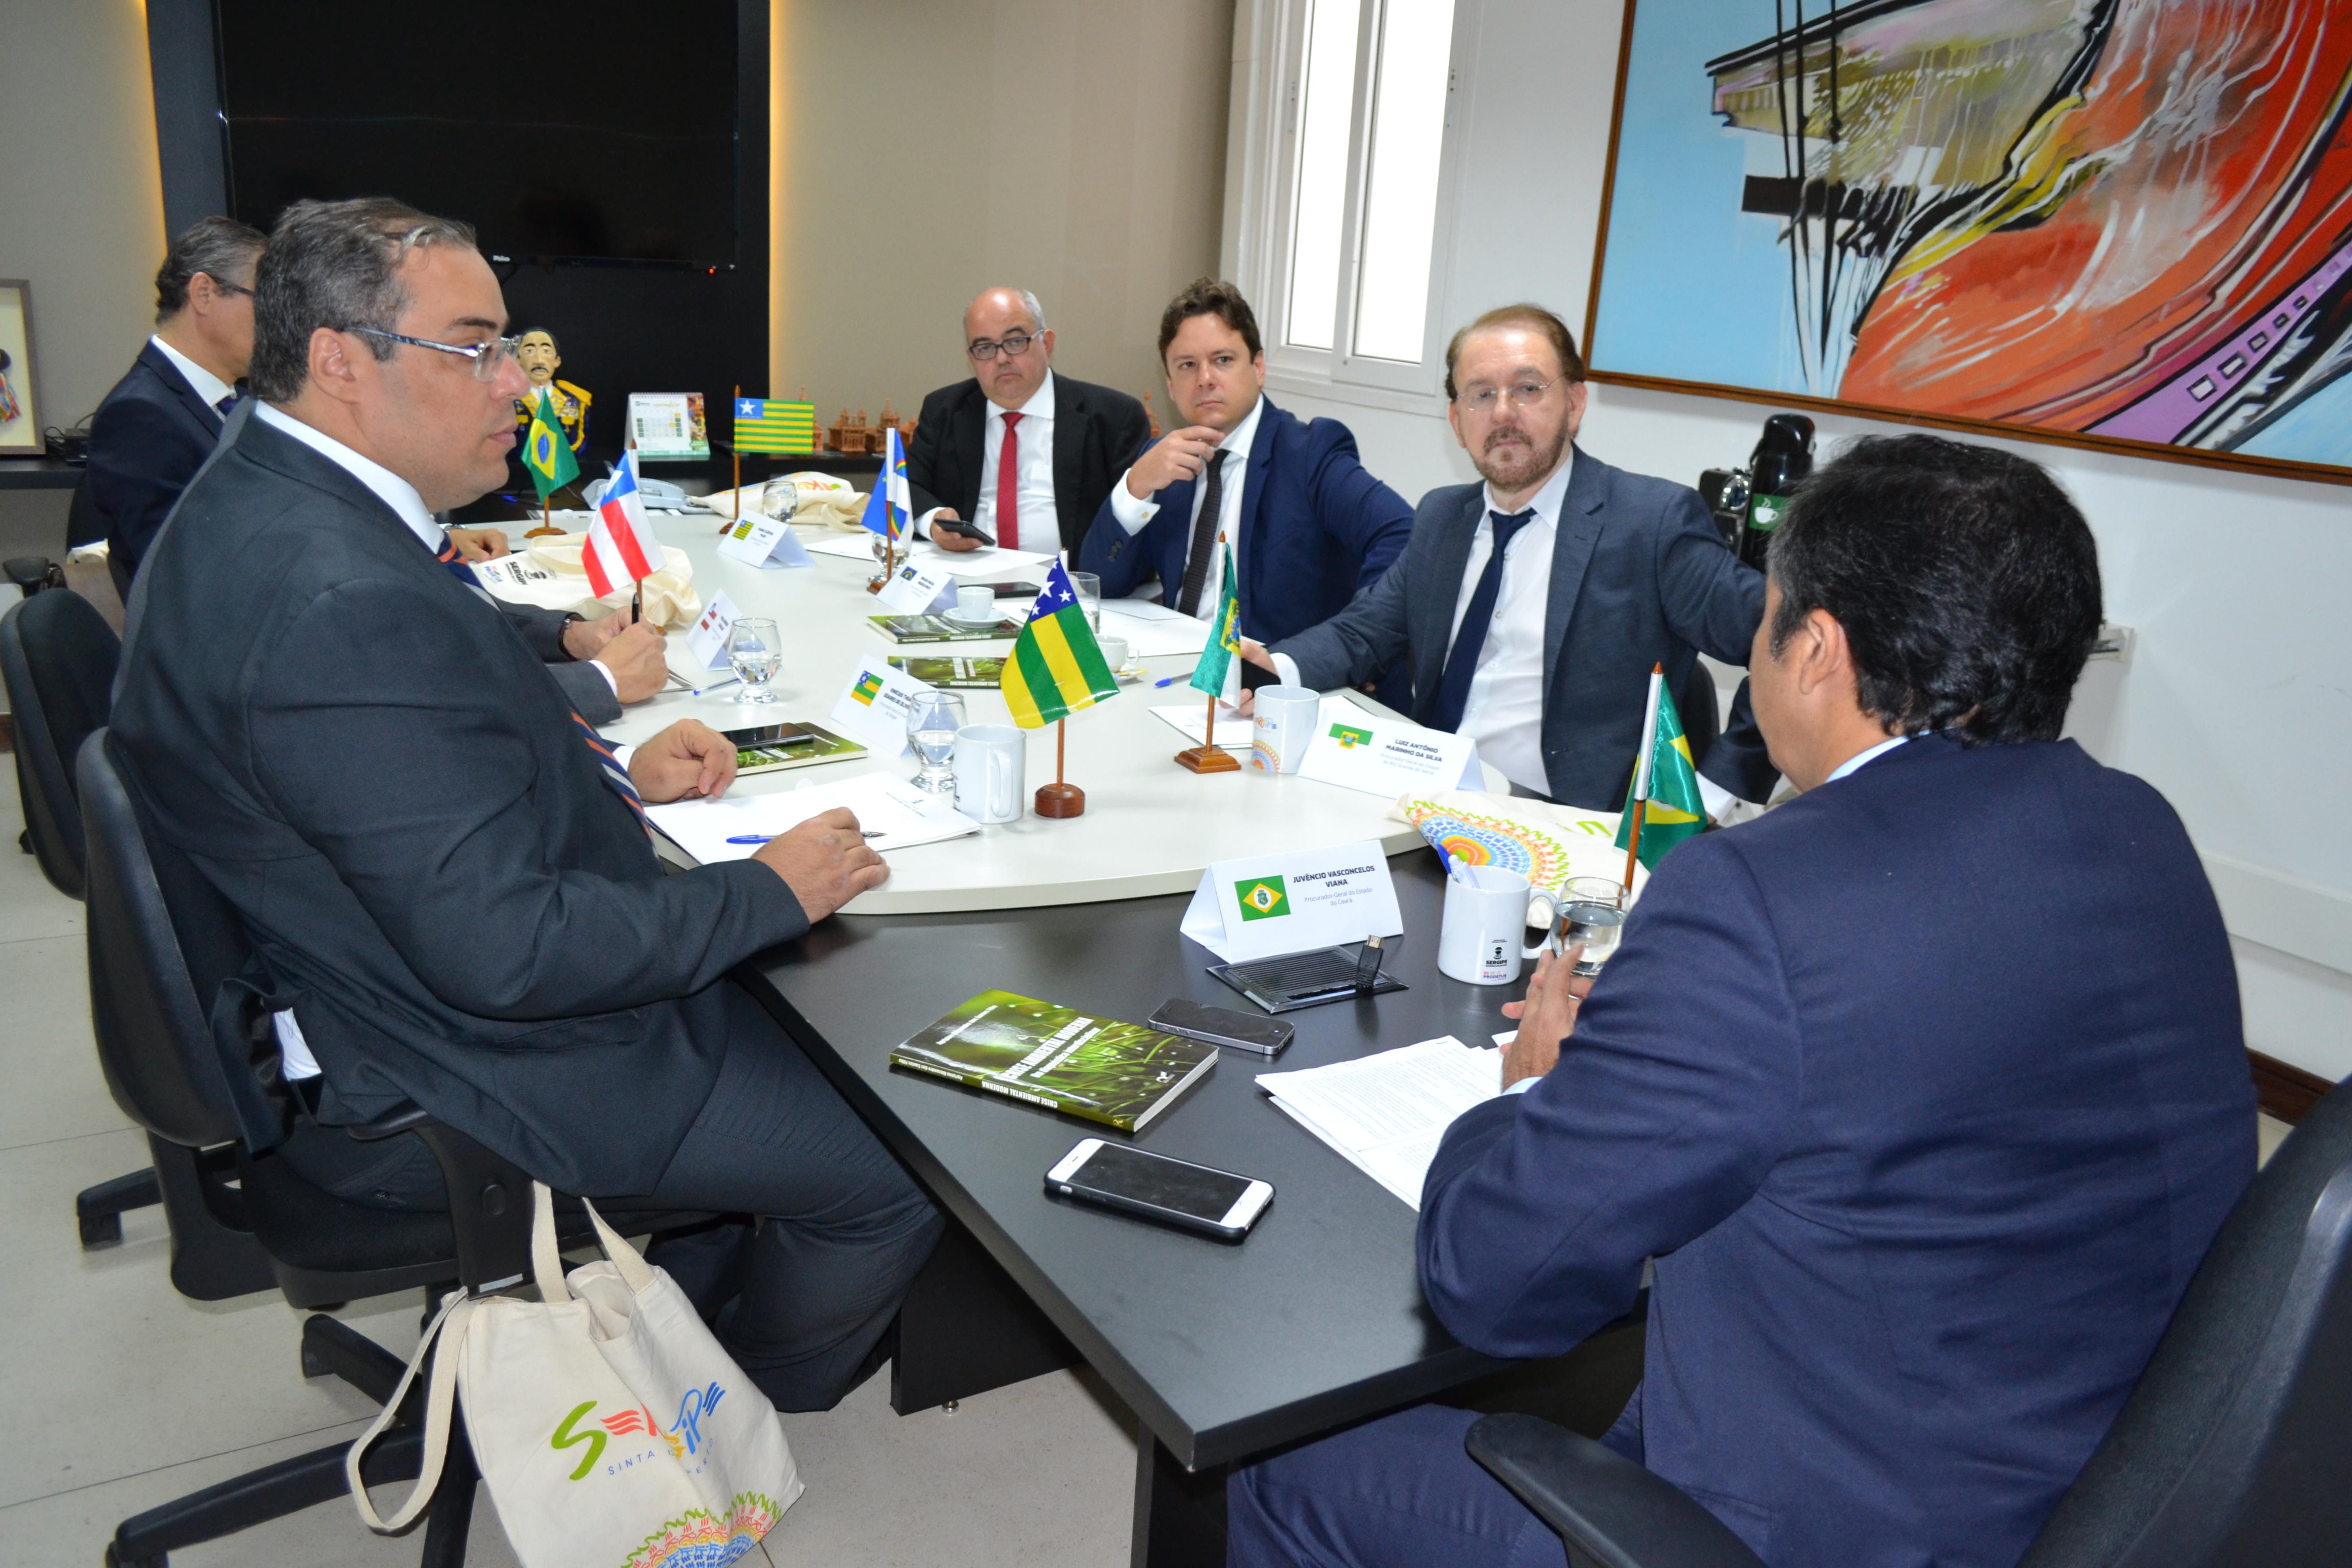 Fórum Permanente dos Procuradores-Gerais dos Estados do Nordeste se reúnem em Aracaju – SE